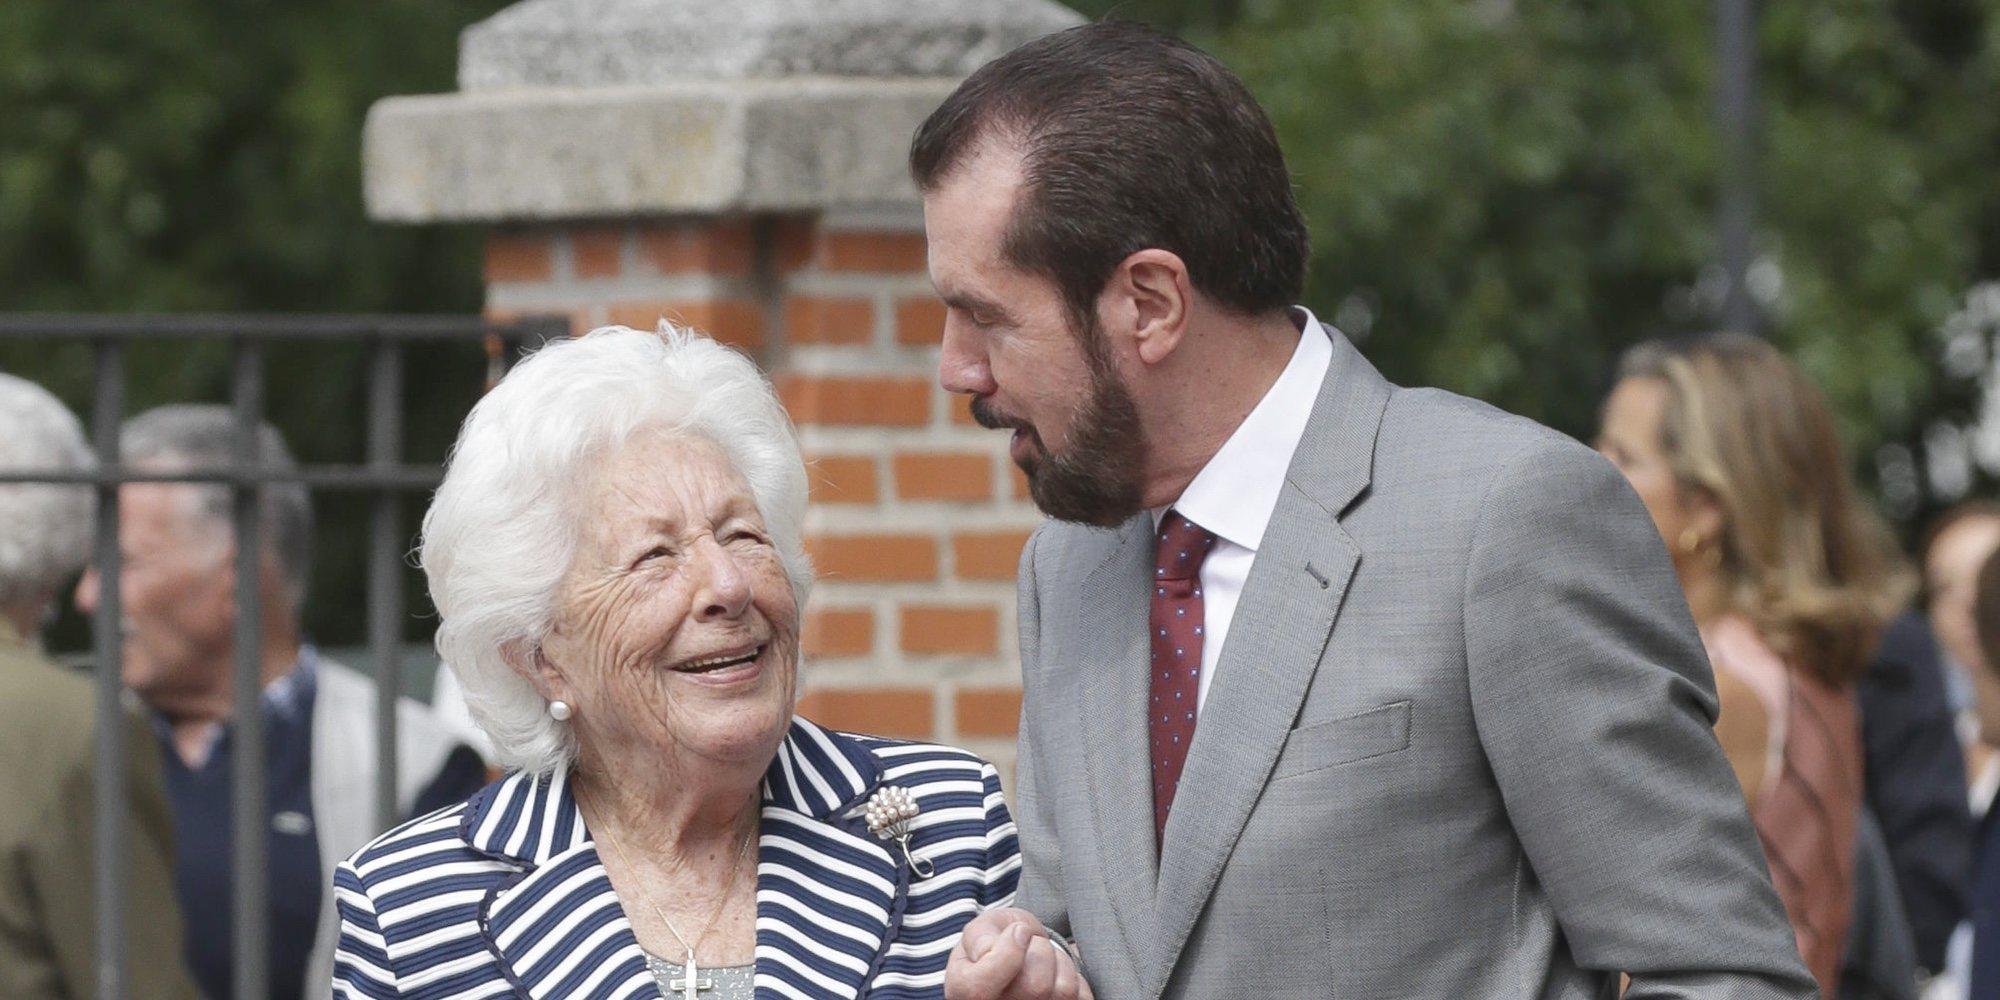 Menchu Álvarez del Valle reaparece en Covadonga para el primer acto institucional de la Princesa Leonor